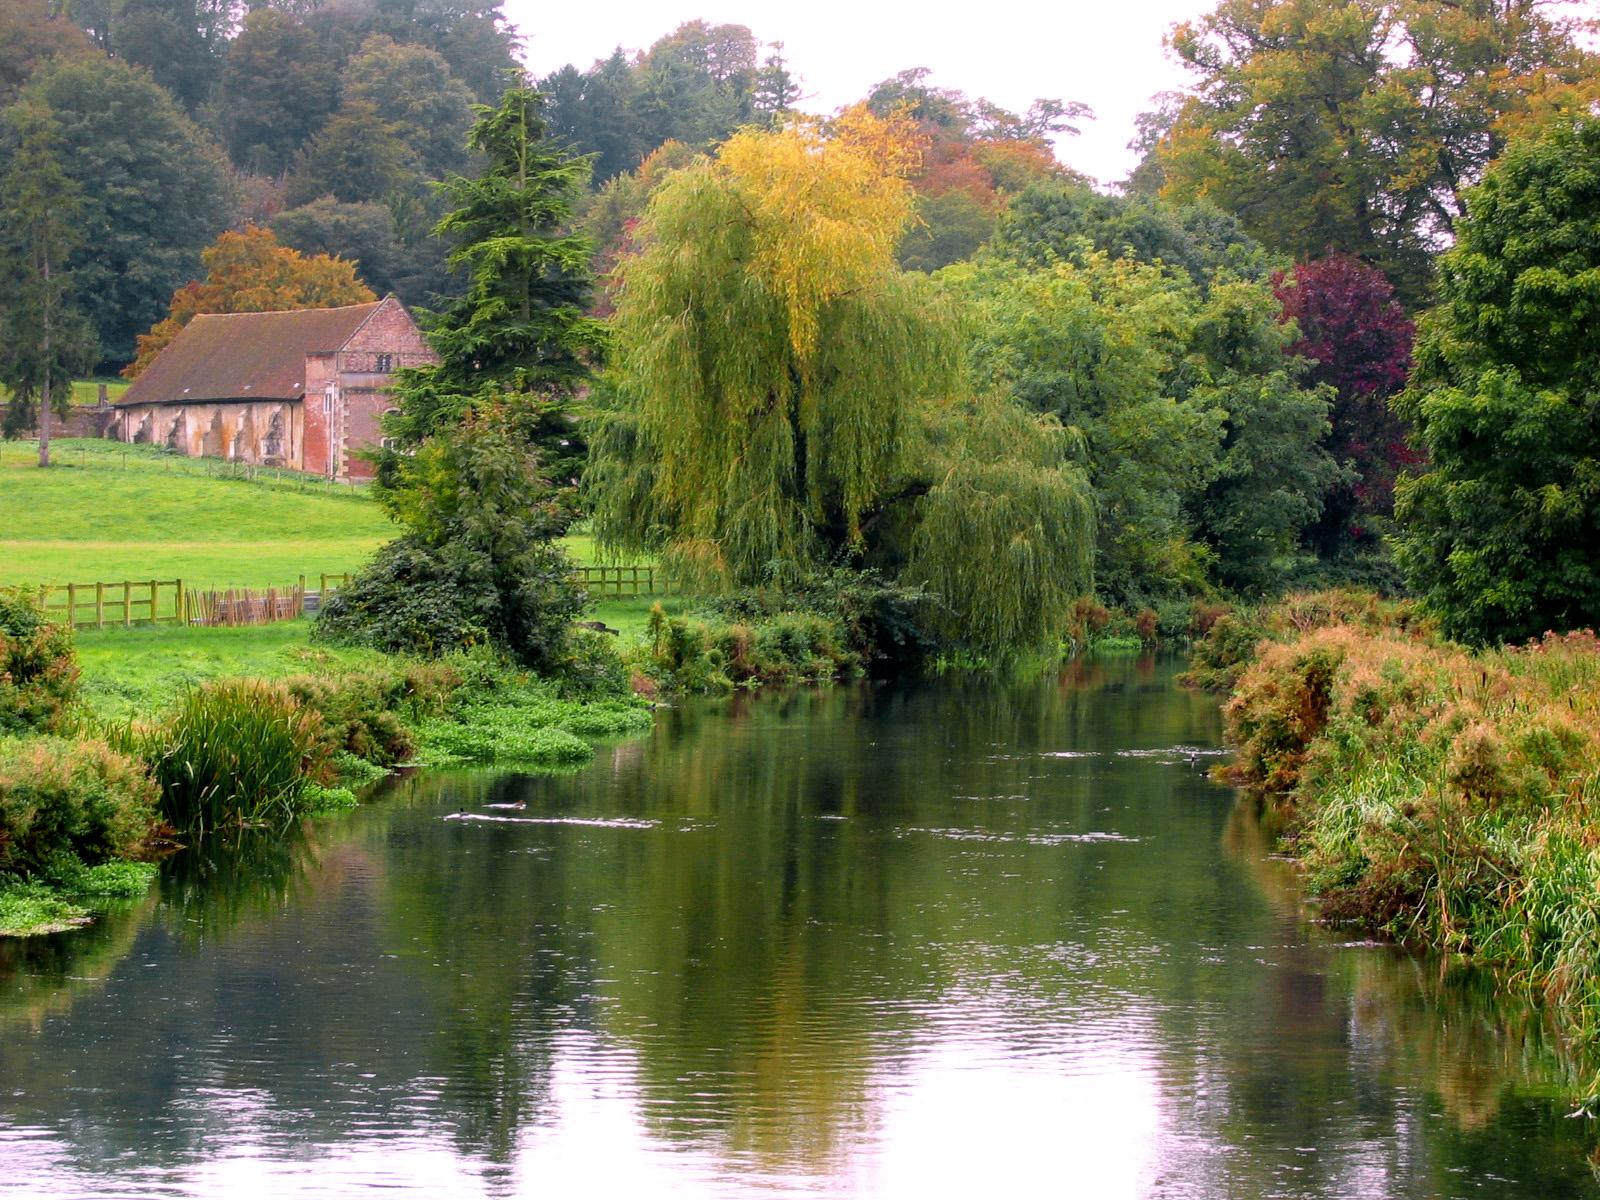 Пейзажный-английский стиль в ландшафтном дизайне